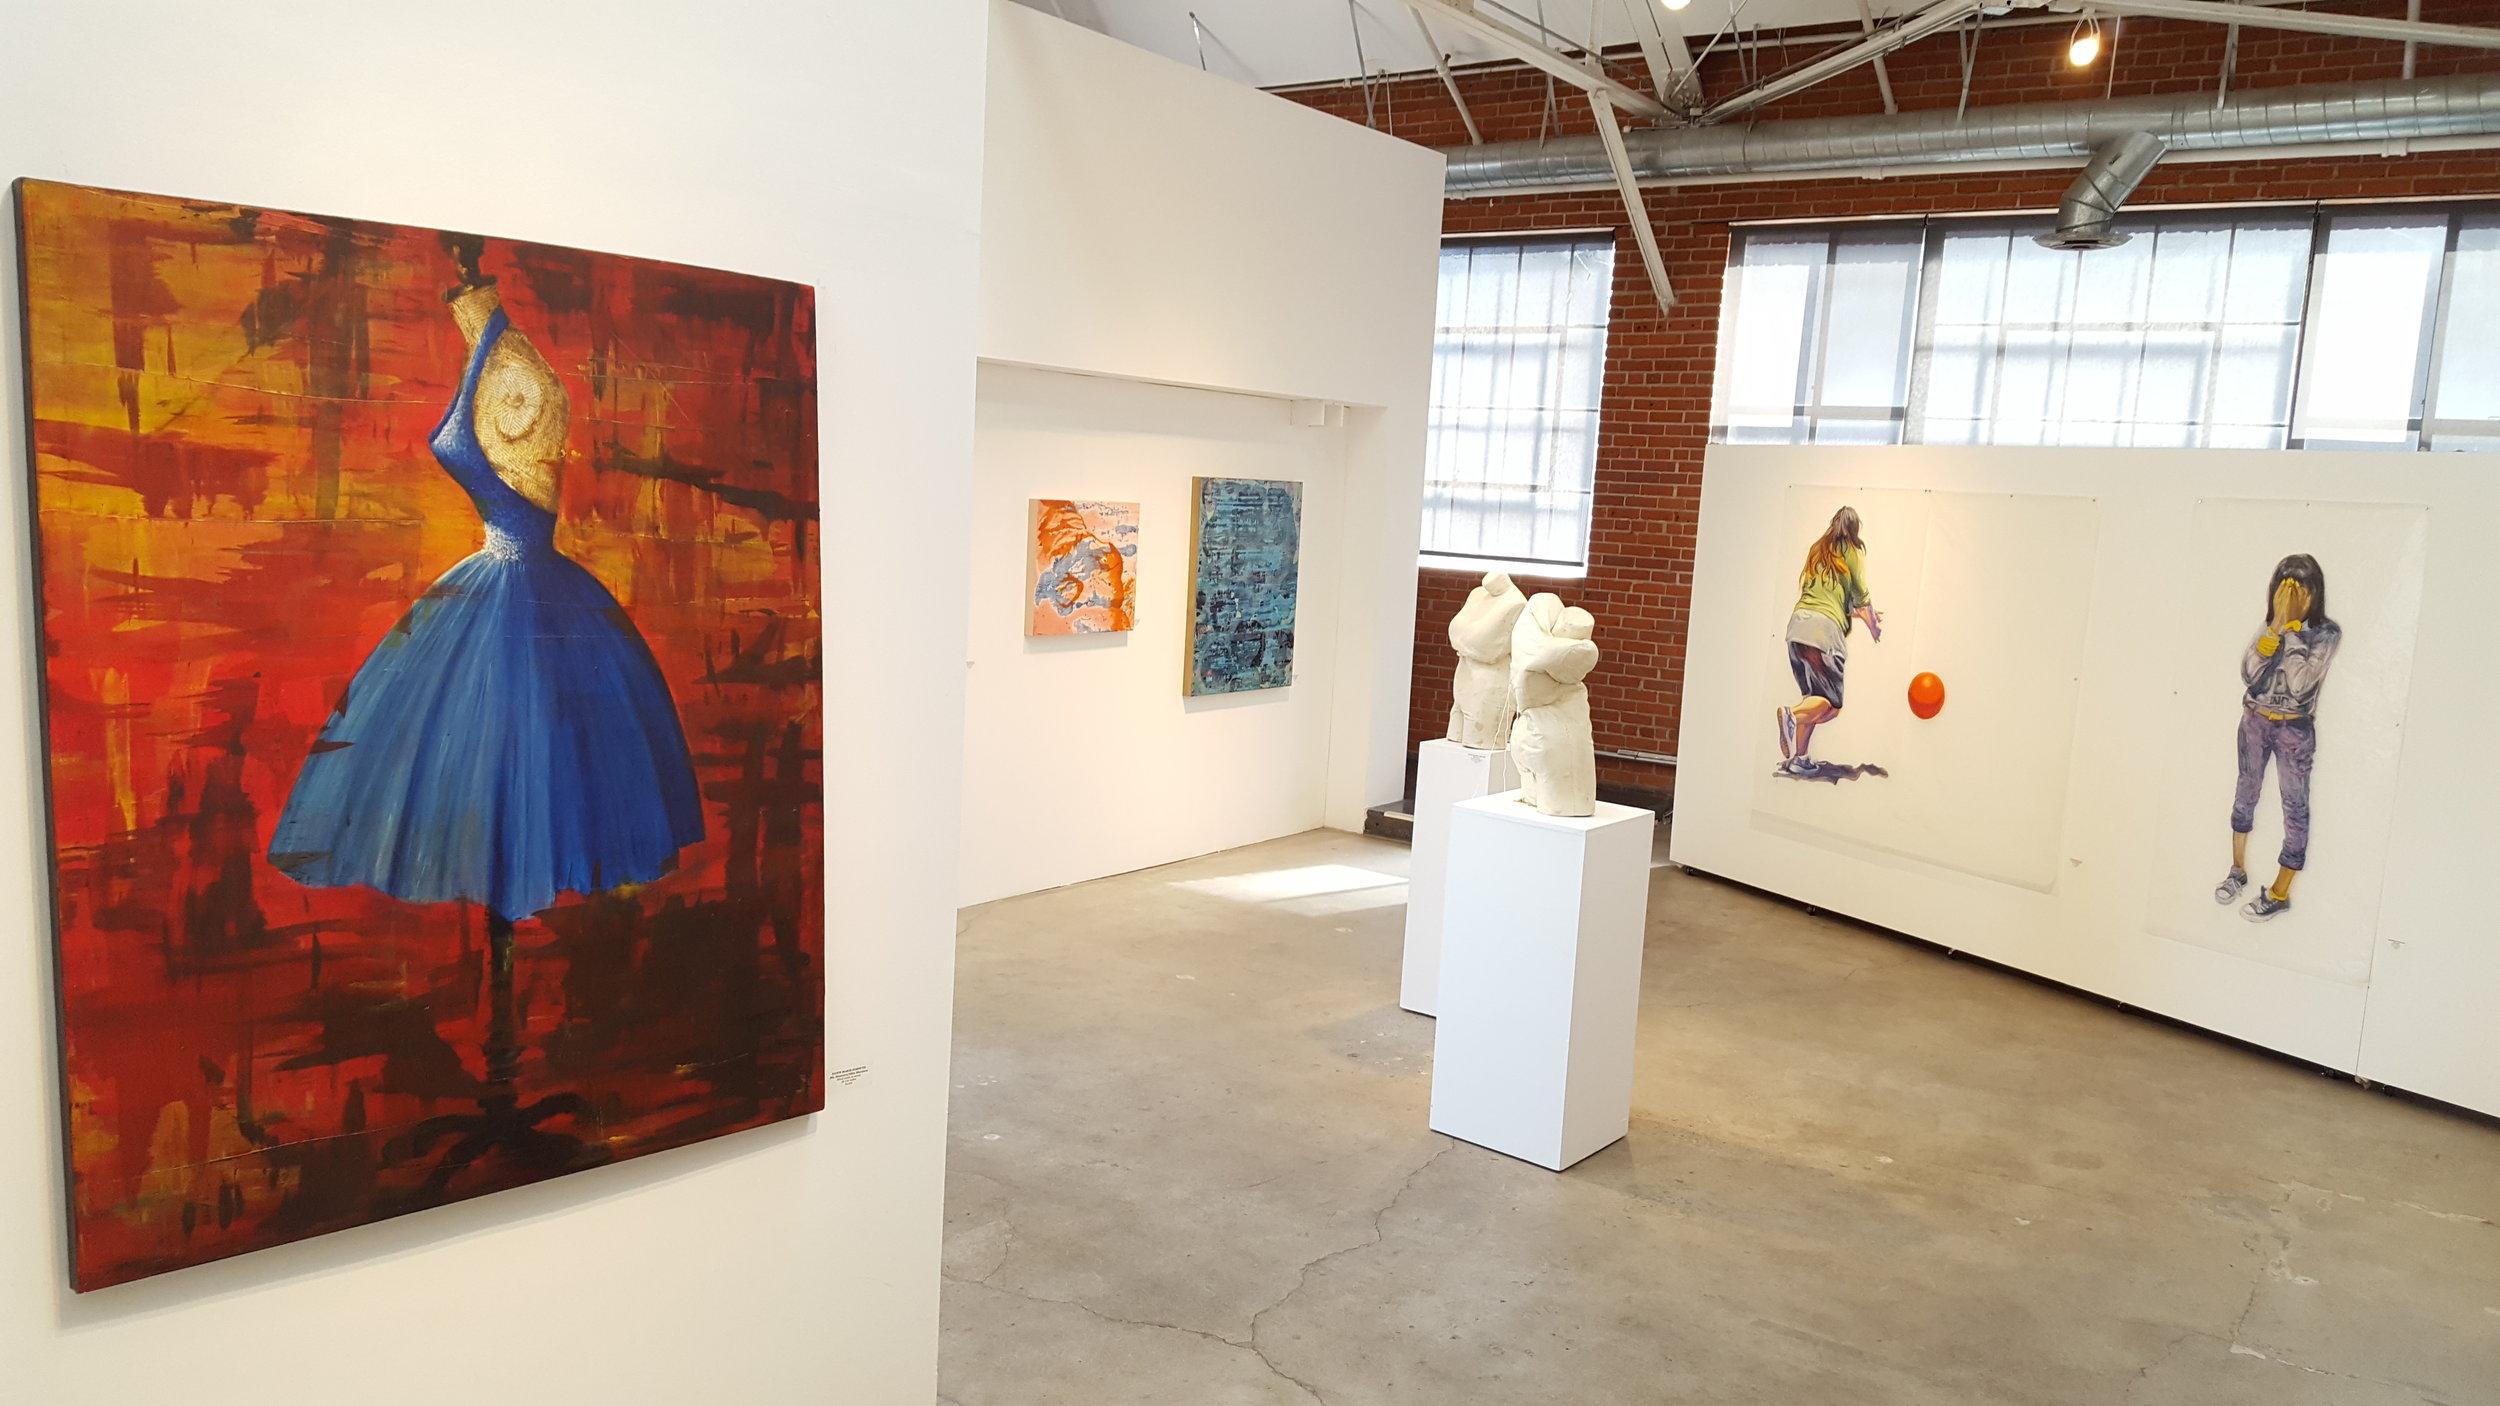 Artwork from left to right: Dawn Marie Forsyth (plus sculptures), Marlene Struss & Deborah Decker. |  Photo credit: C. Rasmussen.